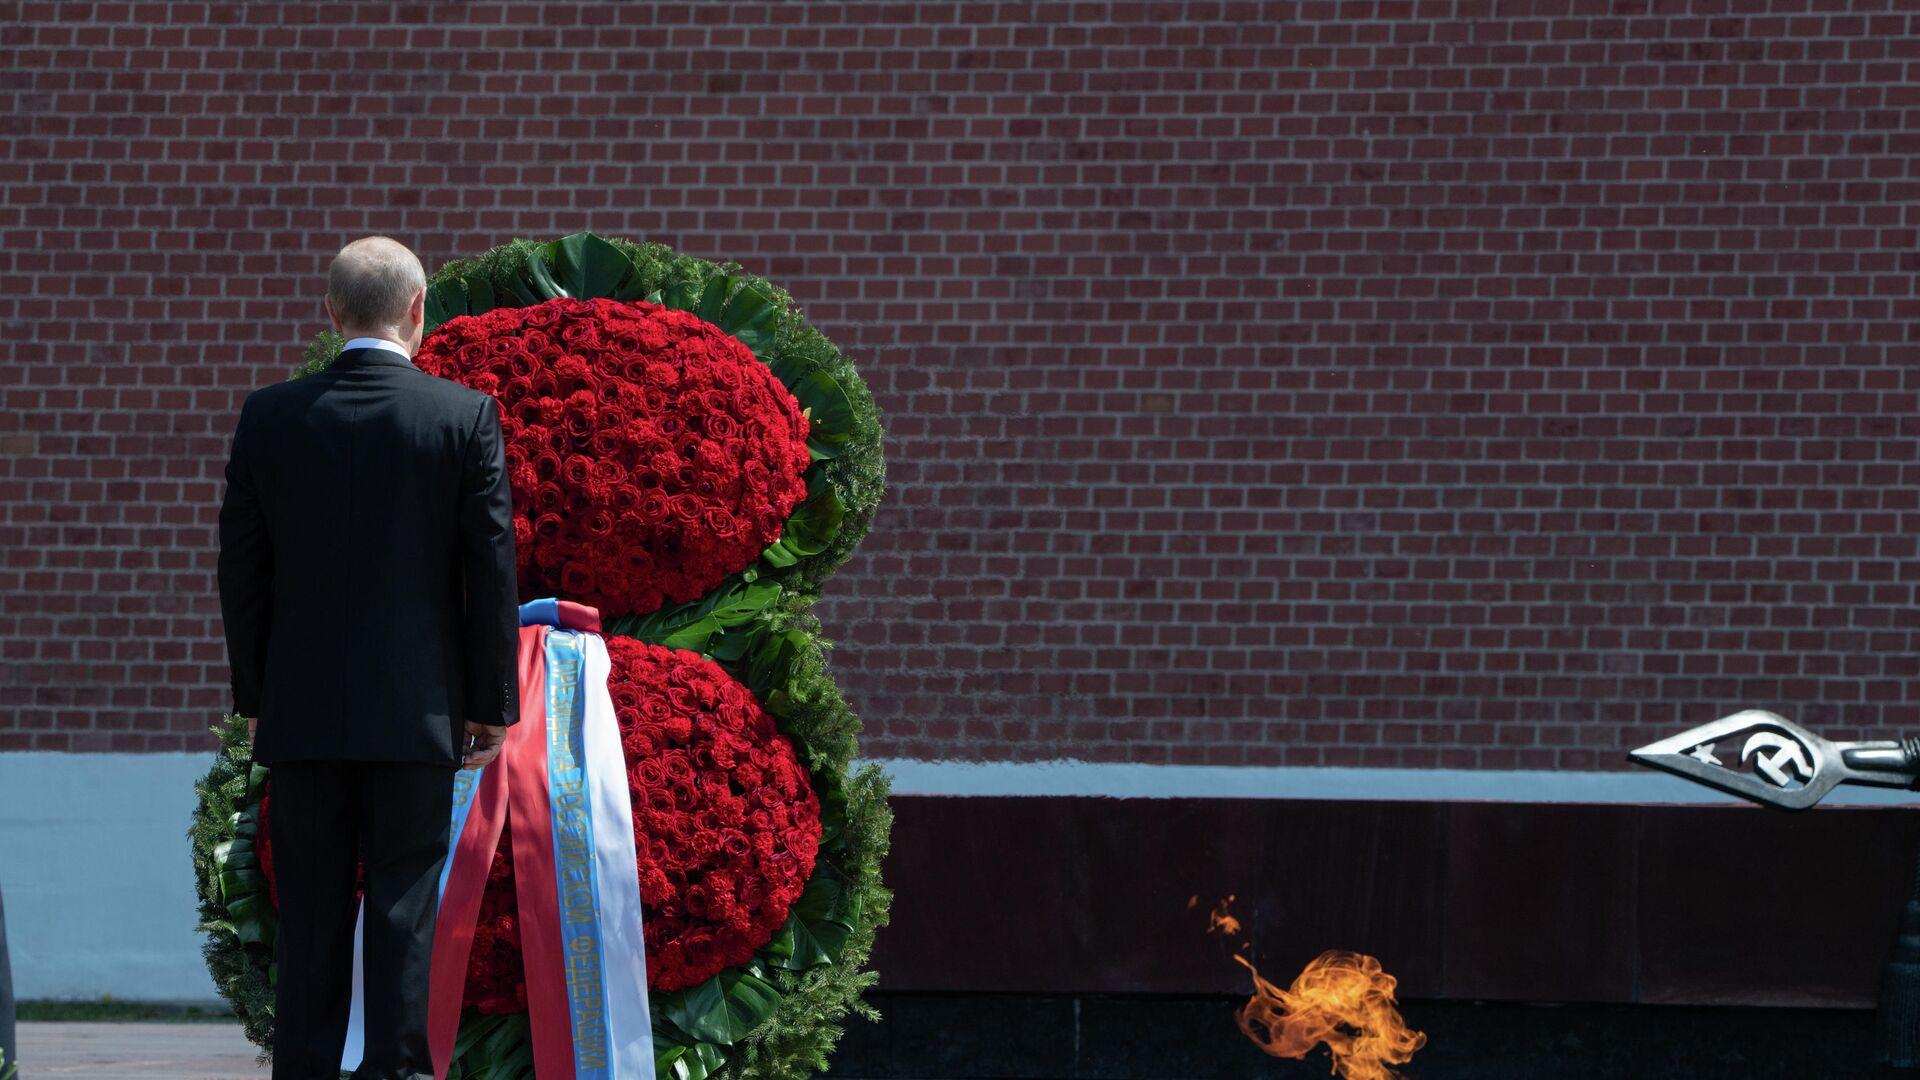 Владимир Путин принимает участие в церемонии возложения венка к Могиле Неизвестного Солдата в Александровском саду в Москве. 22 июня 2019 - РИА Новости, 1920, 20.06.2021